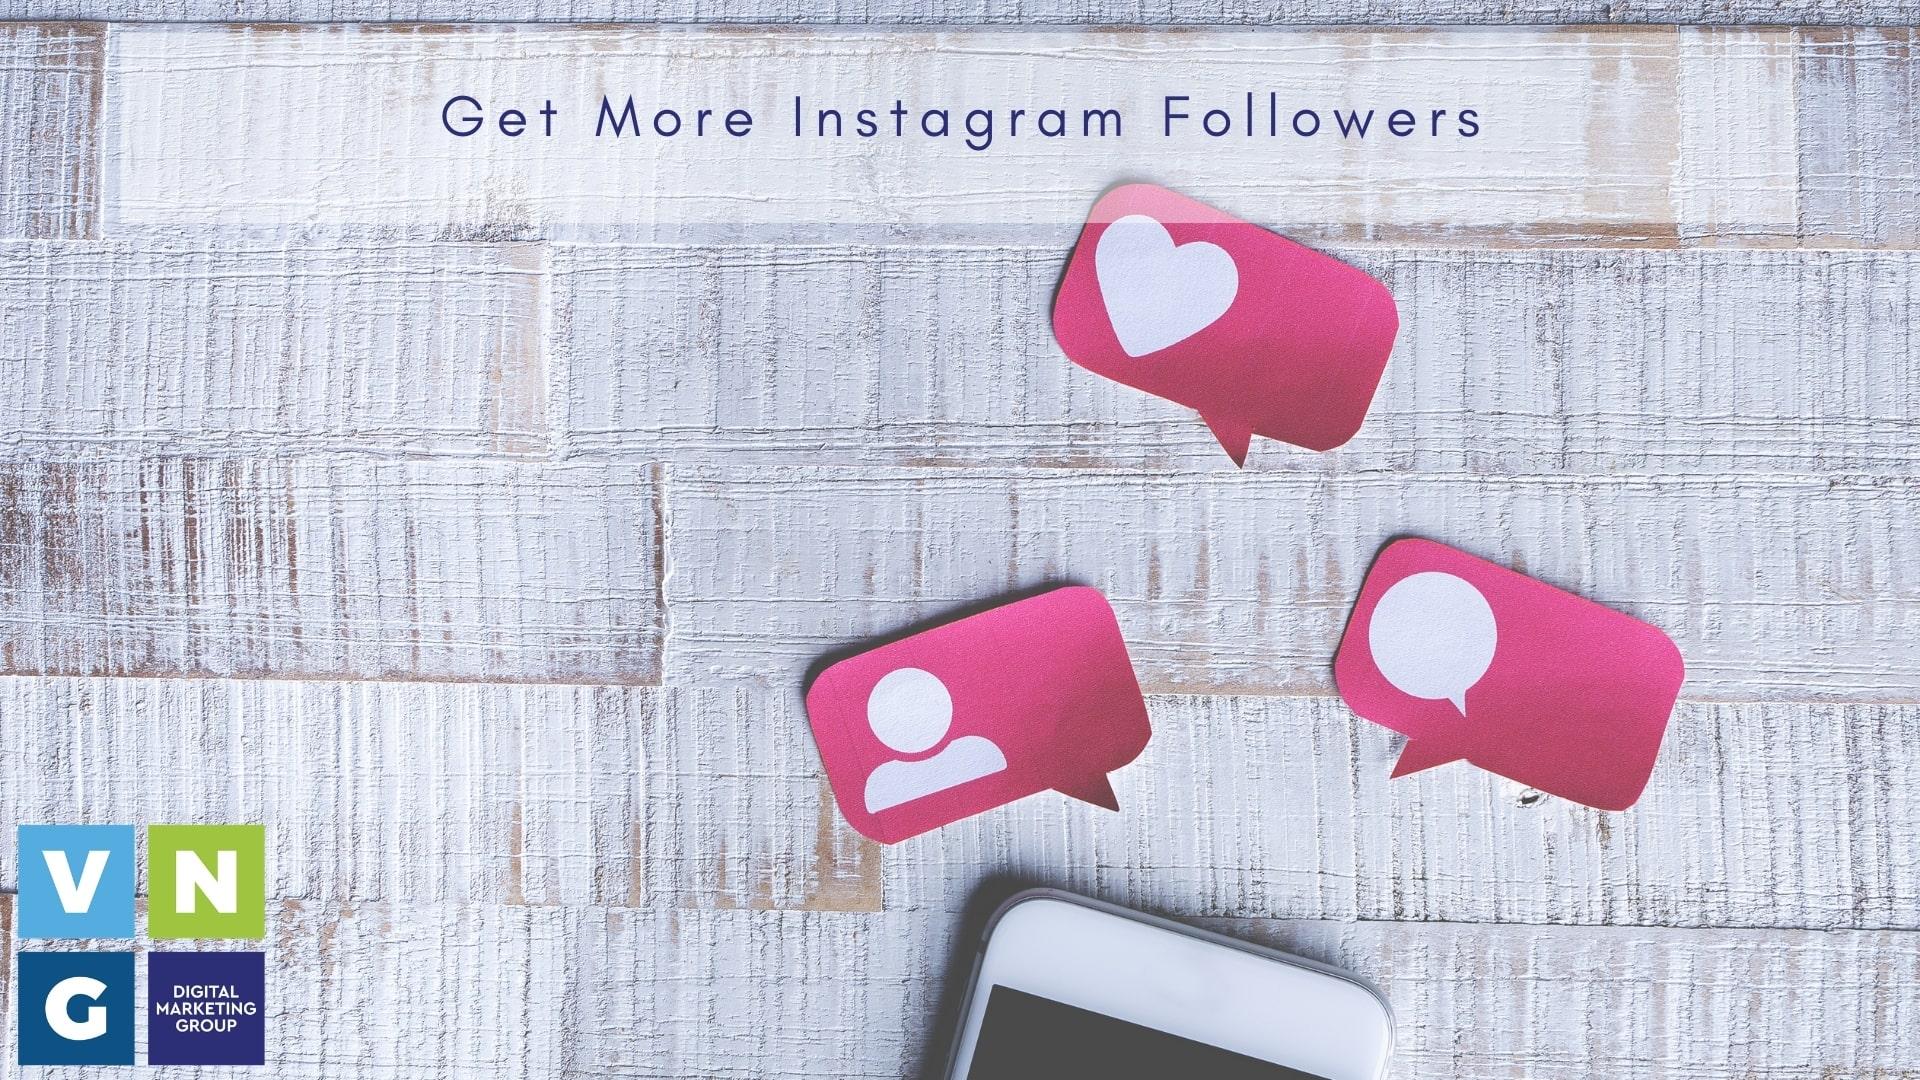 Πως θα αυξήσετε τους Instagram followers